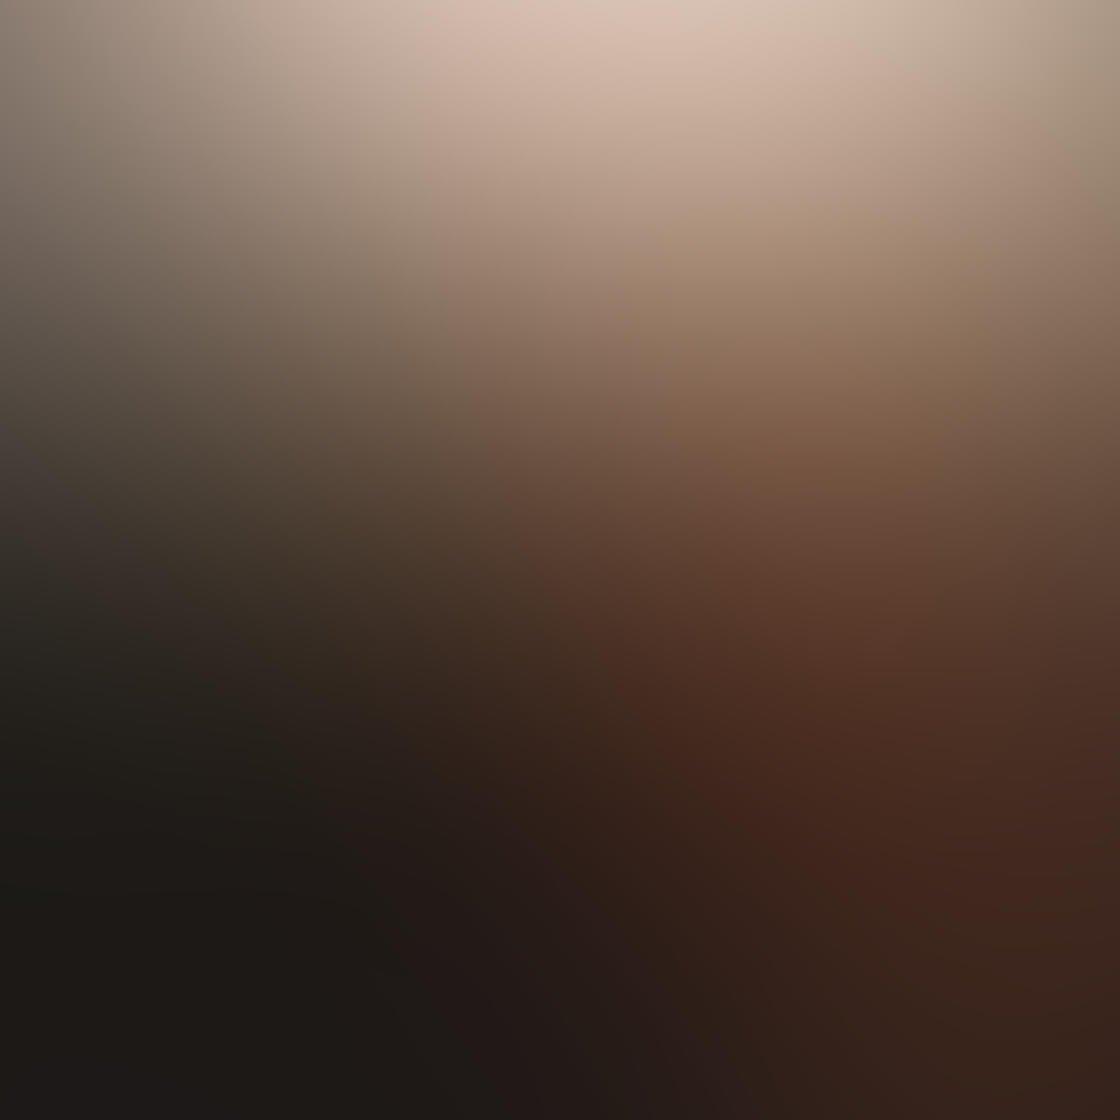 Fog & Mist iPhone Photos 4